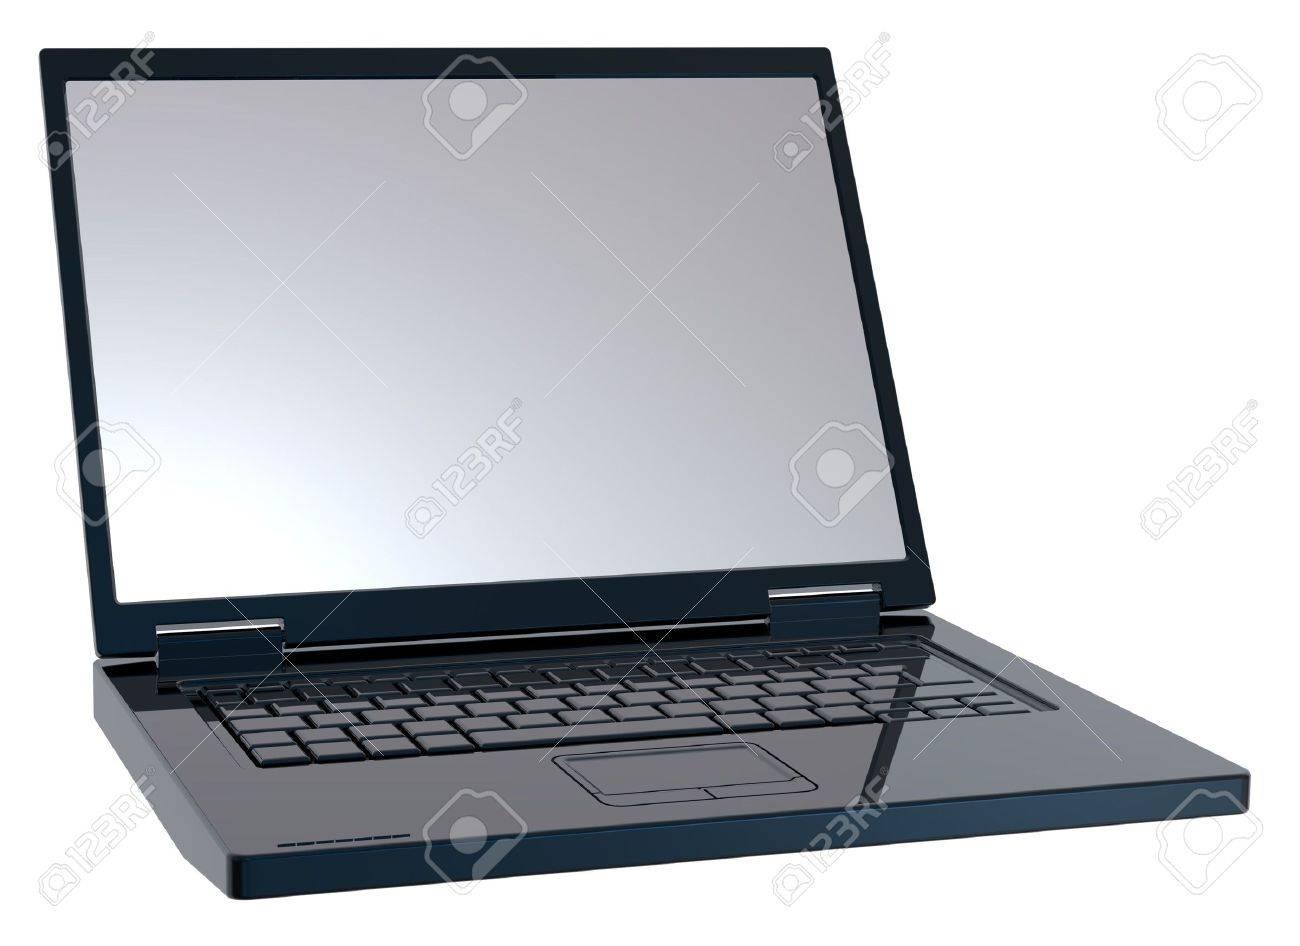 Shiny black laptop isolated on white. Stock Photo - 6742515